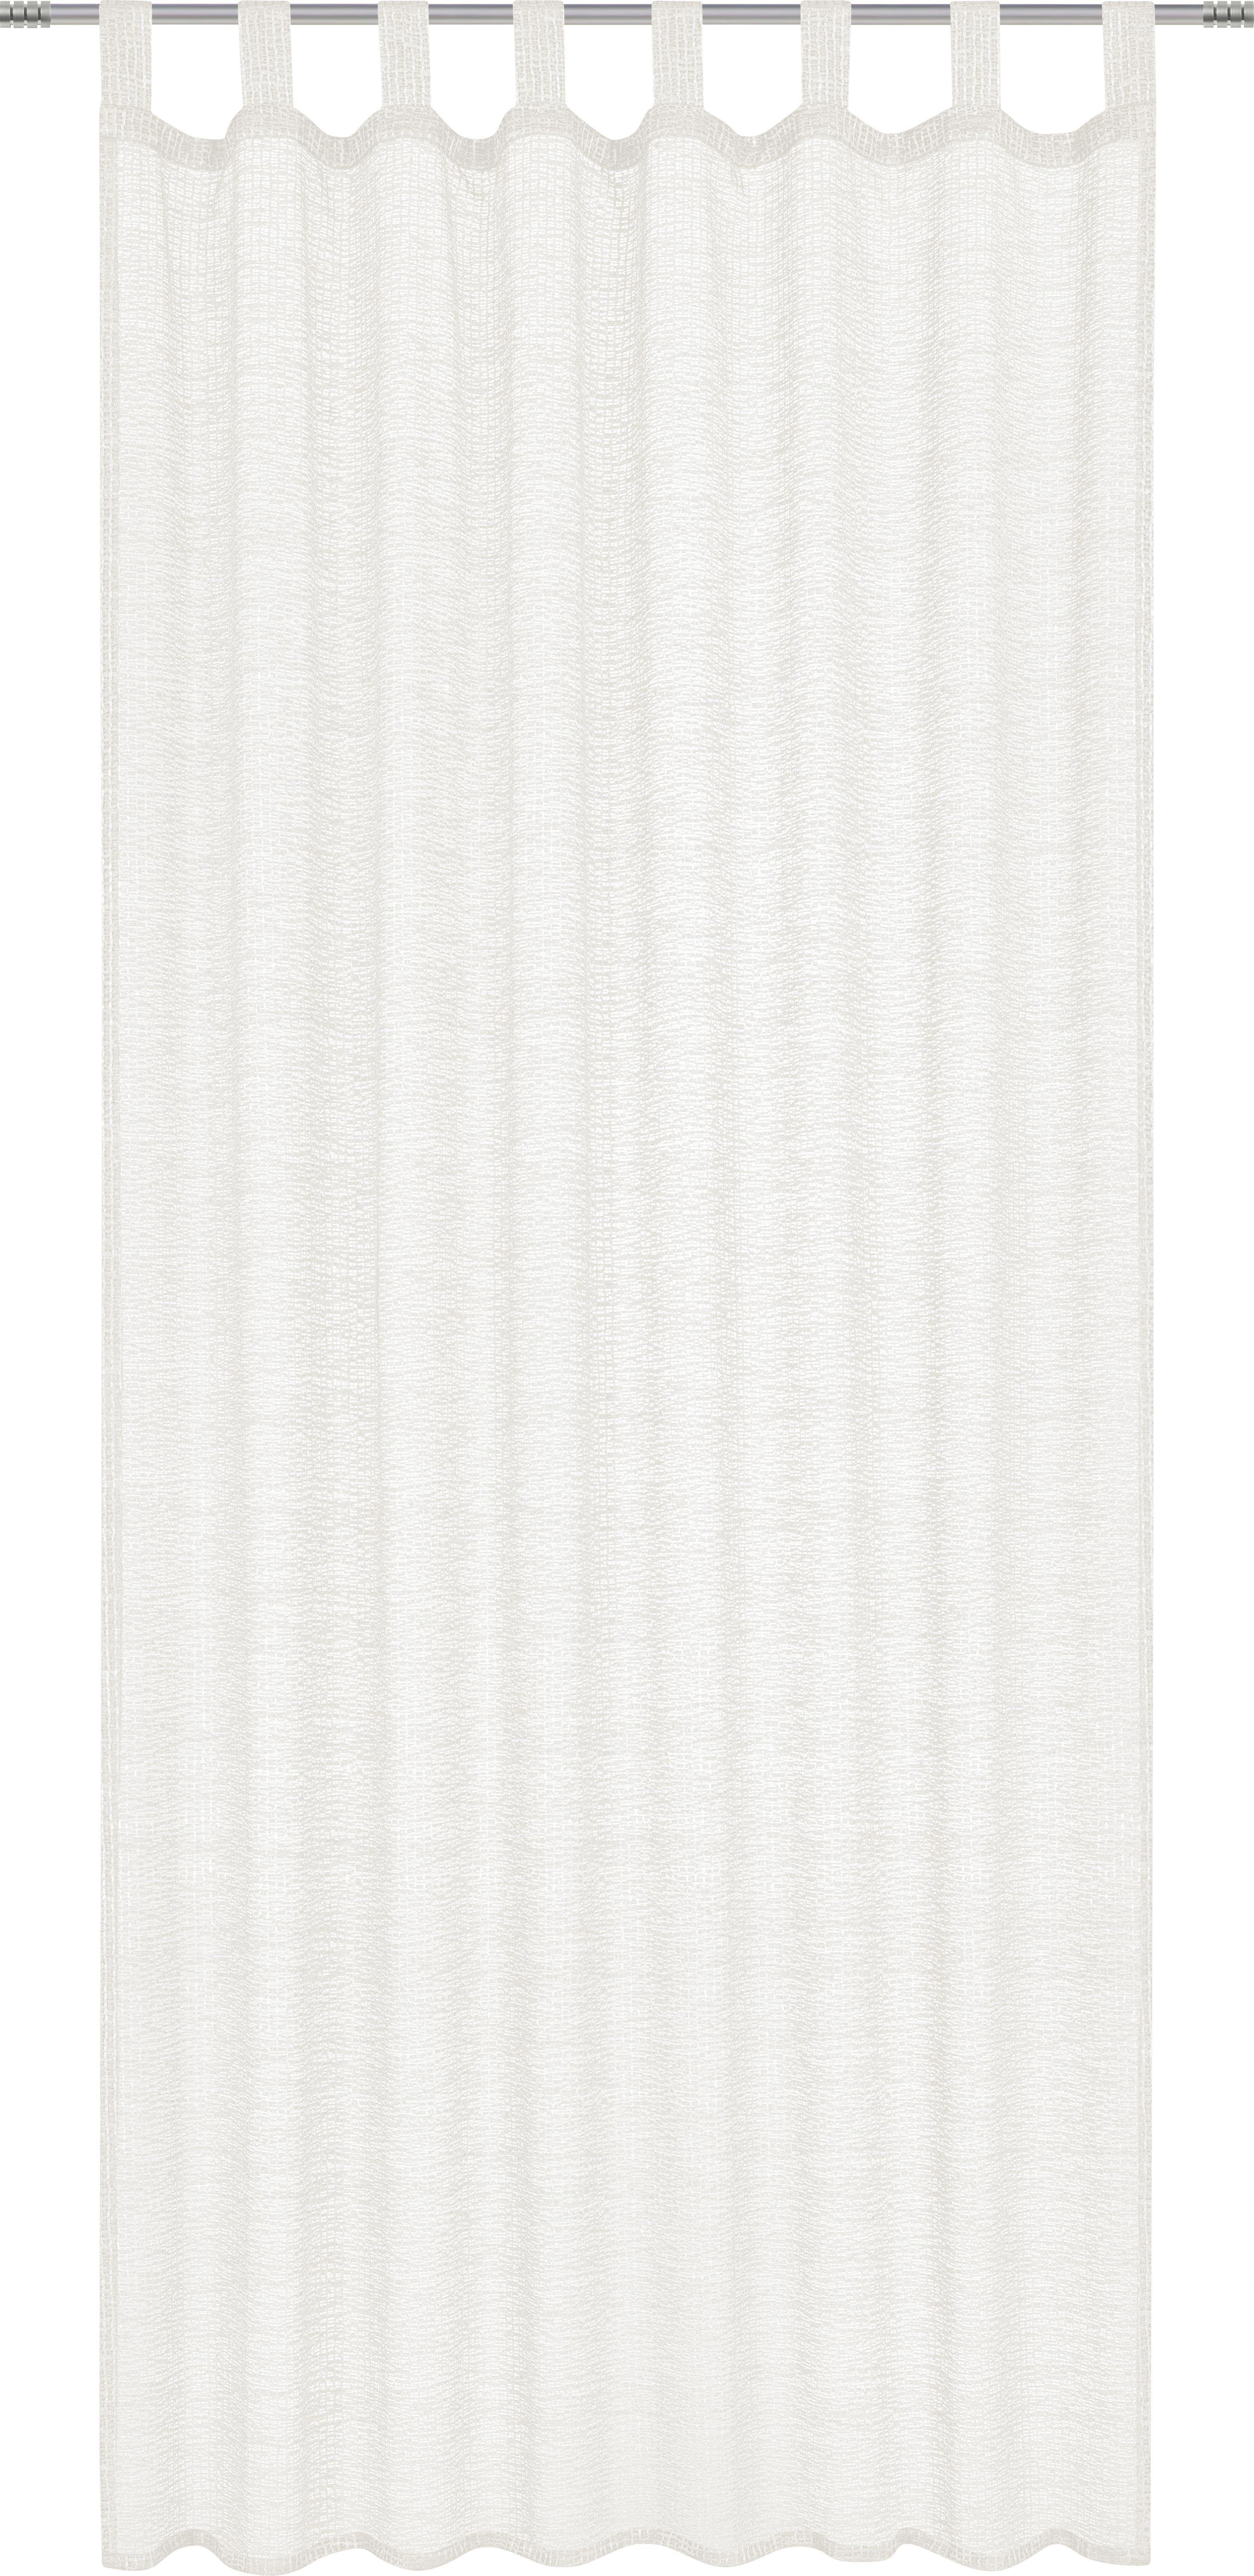 Kombi Készfüggöny Meike - natúr színek, konvencionális, textil (140/245cm)